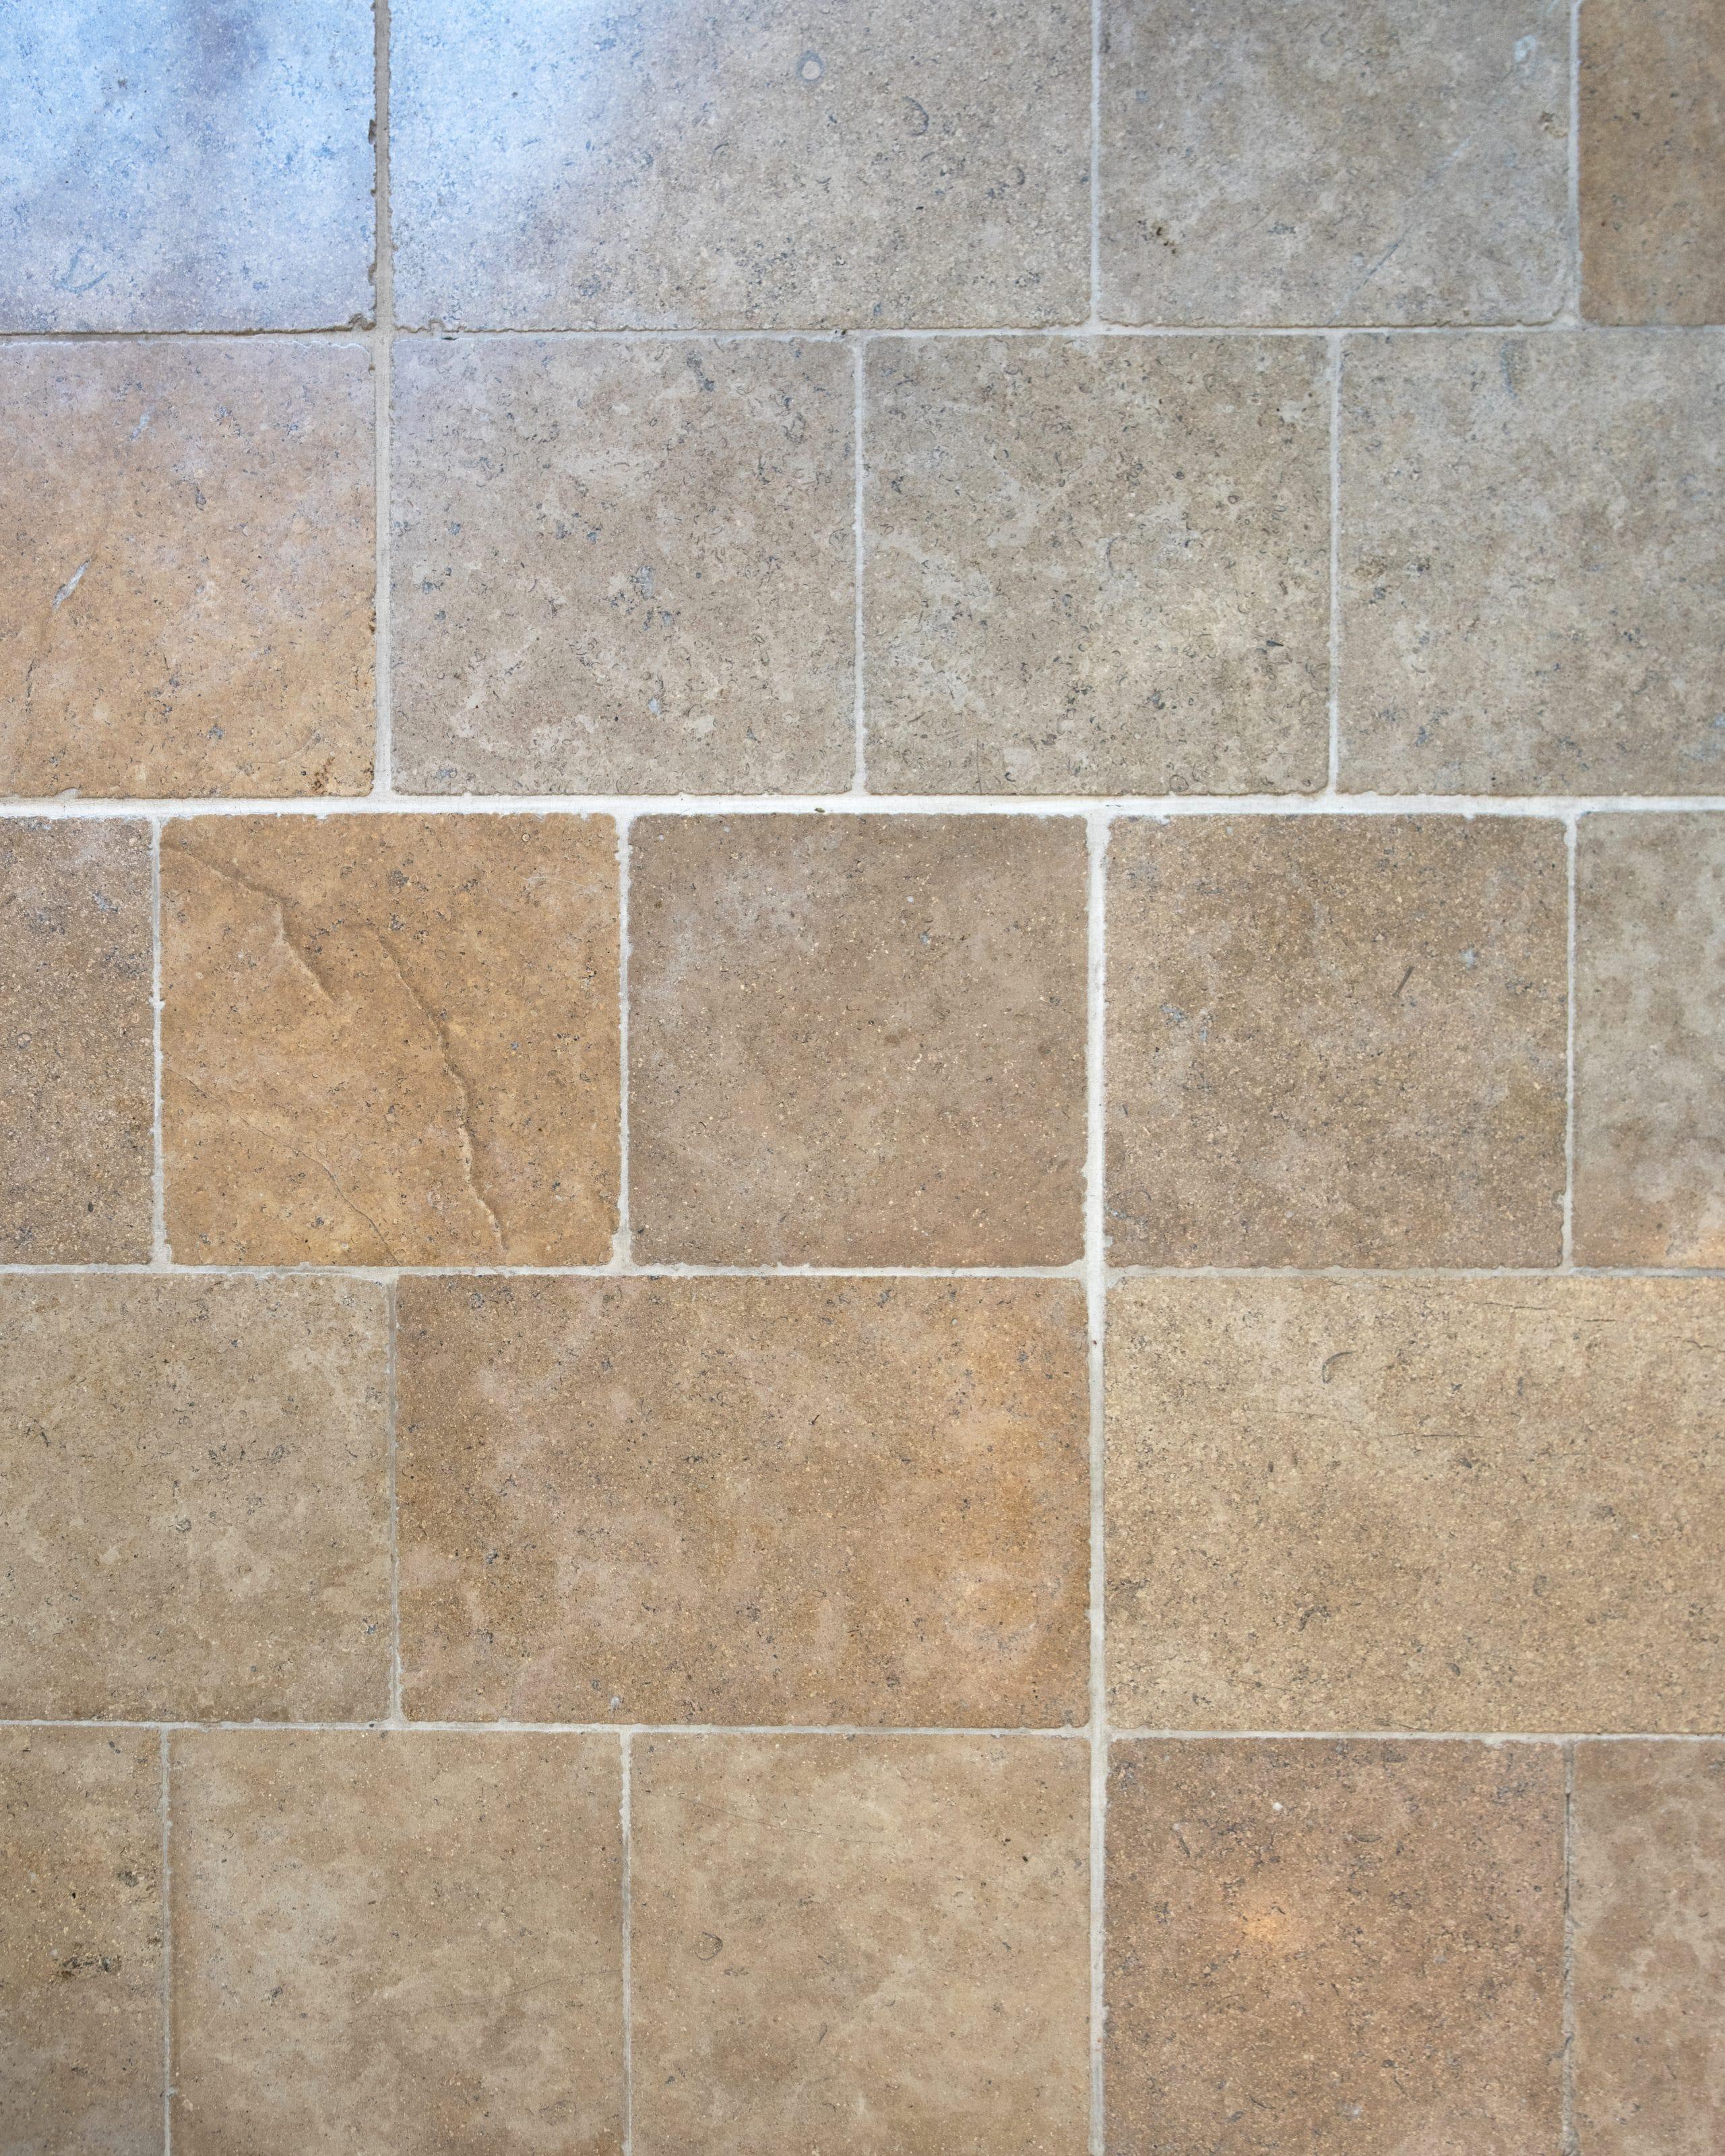 Dalles en pierre naturelle beige